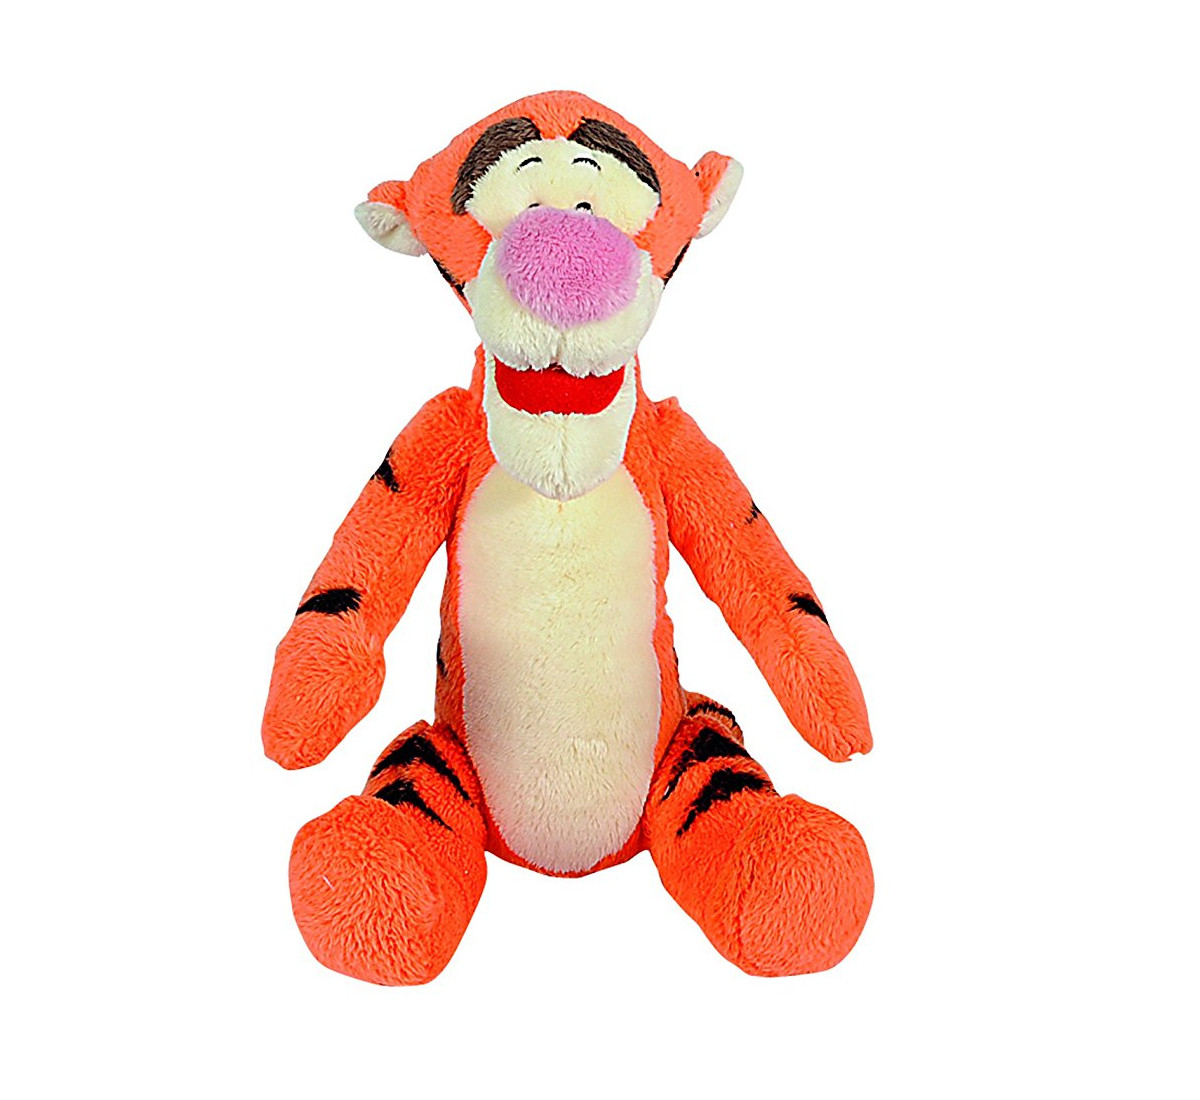 Купить Мягкая игрушка Тигруля, 25 см, Nicotoy